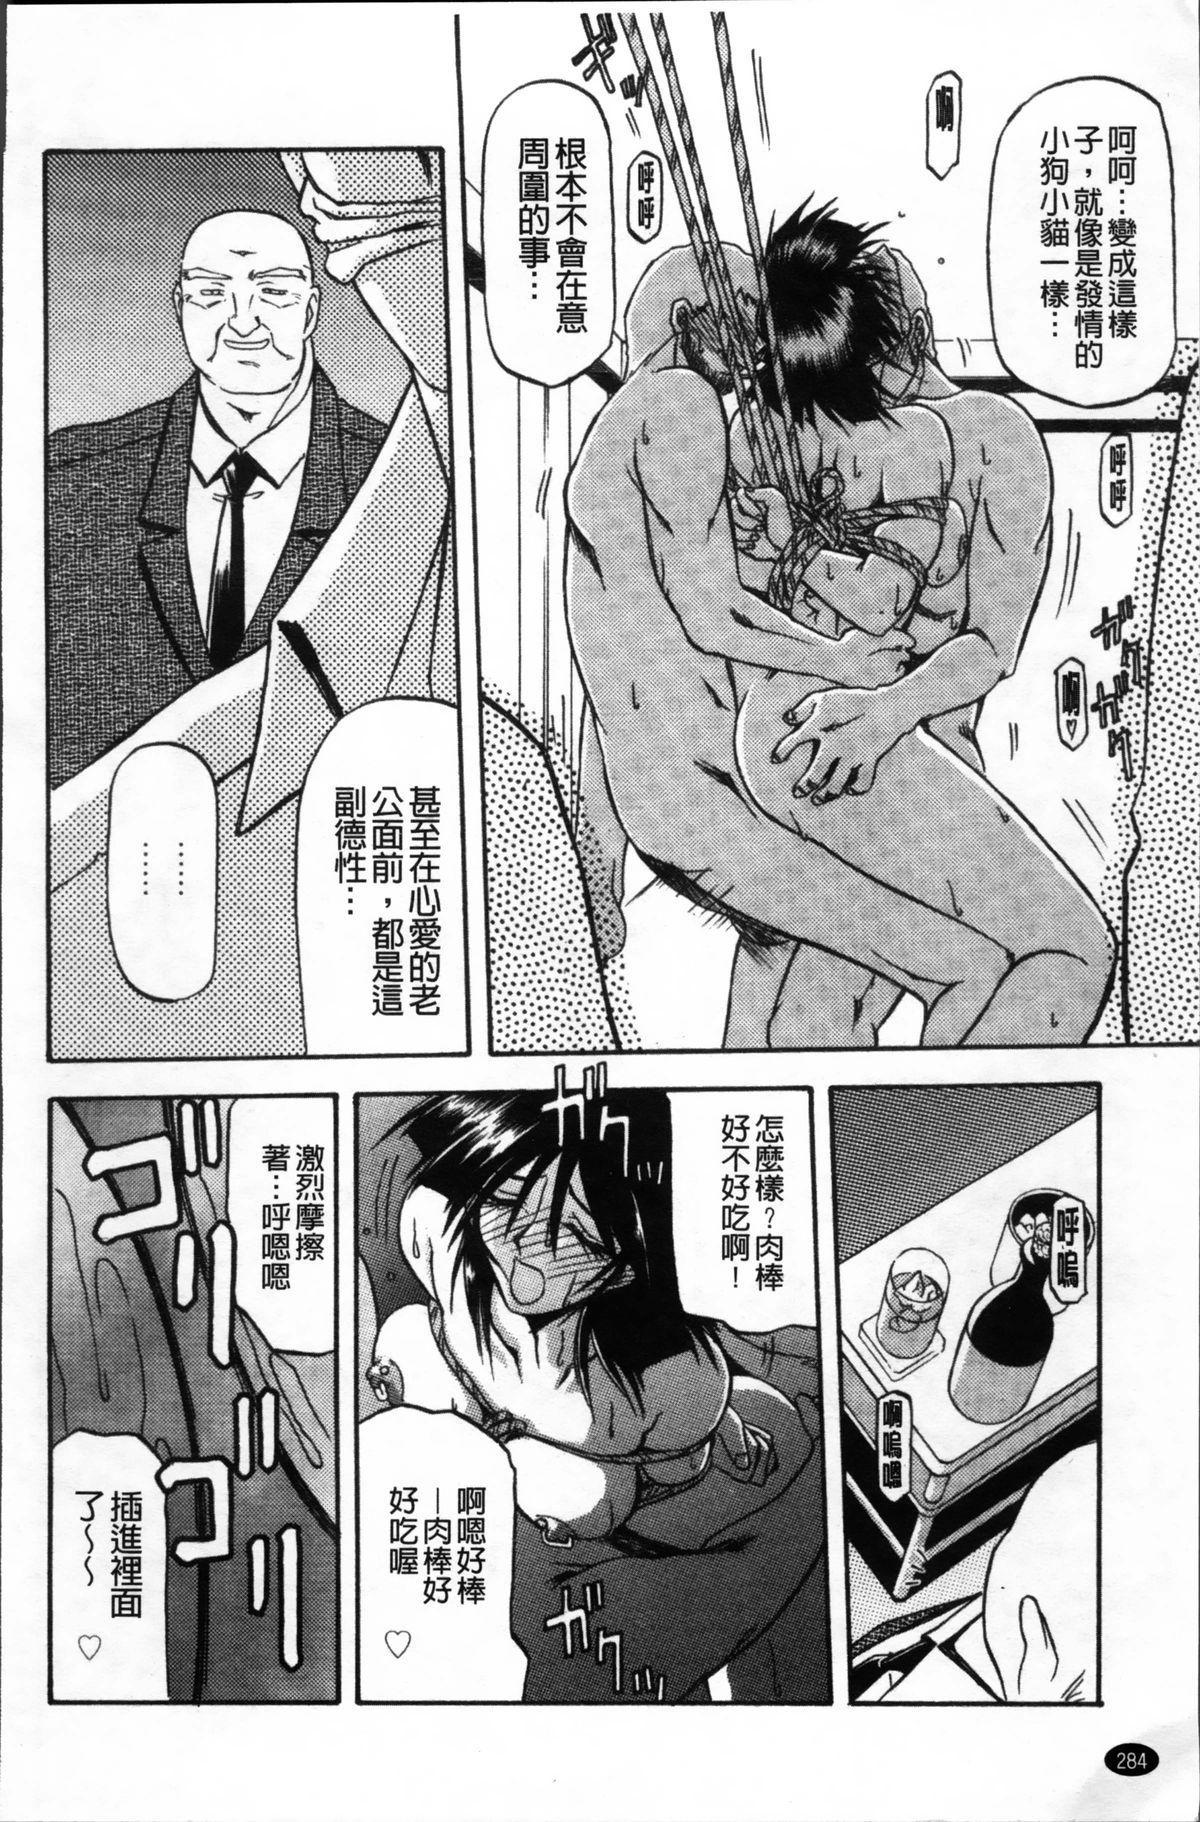 Hiiro no Koku Kanzenban   緋色之刻 完全版 287